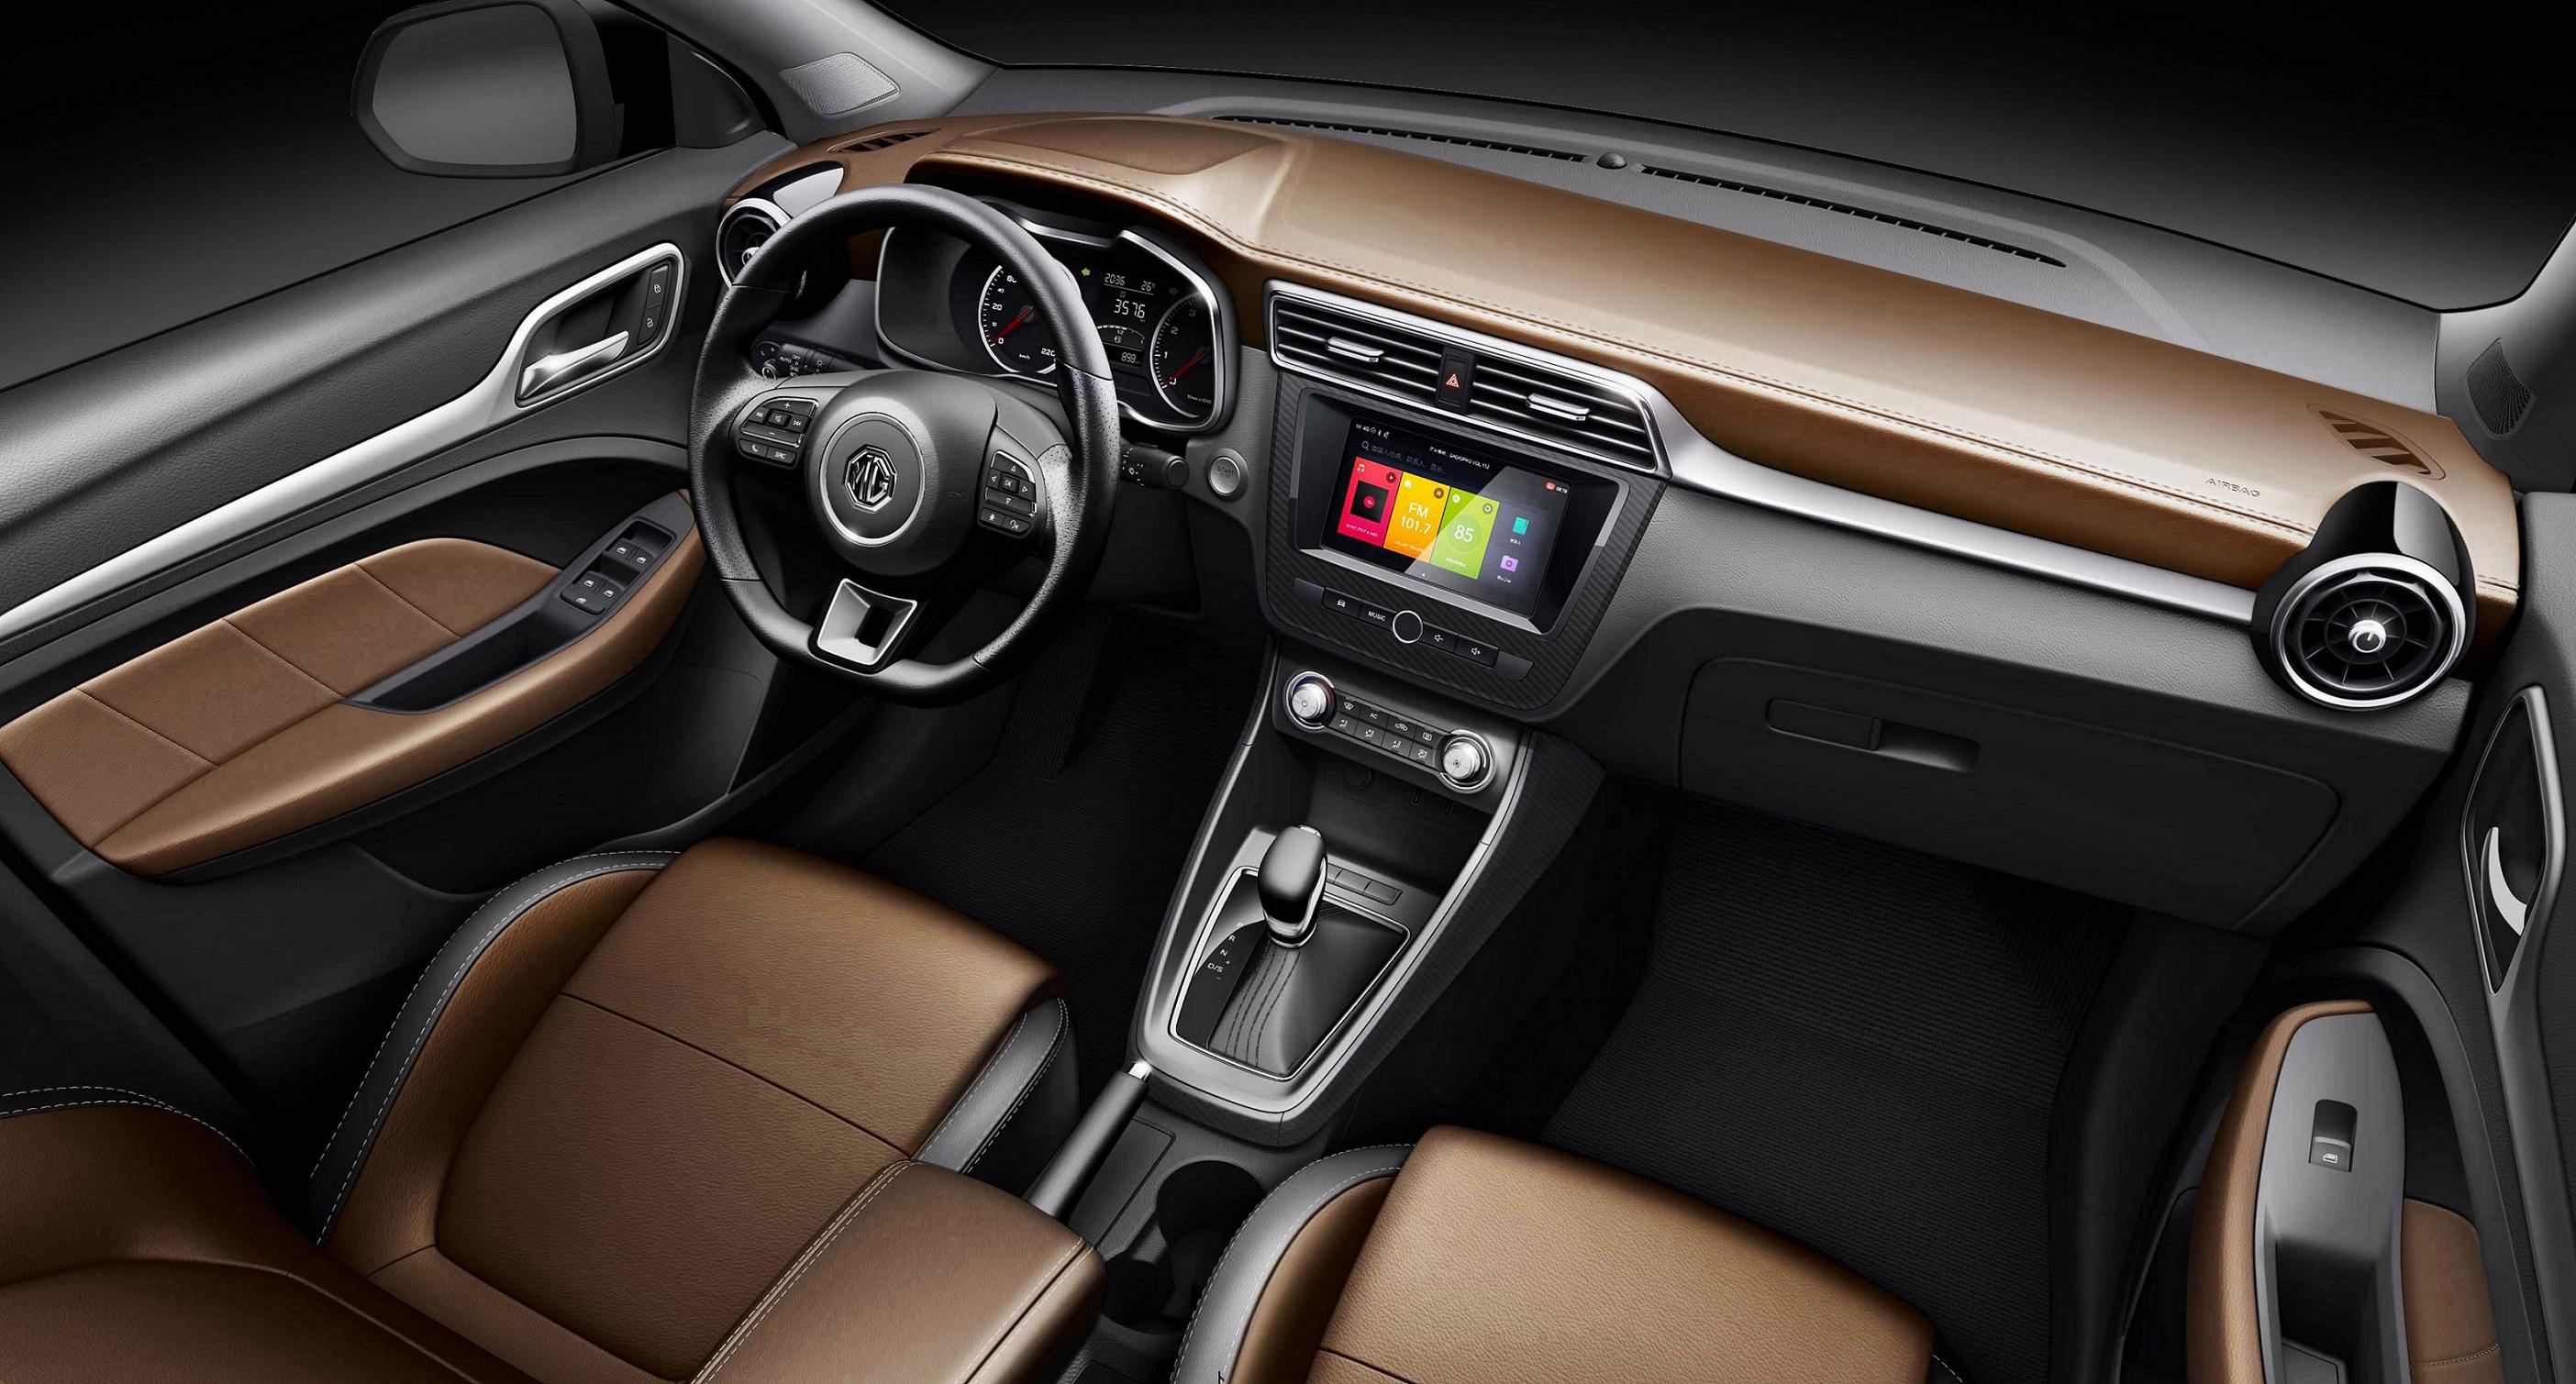 """إم جي ZS - السيارة الـ""""كروس أوڤر"""" الخدمية الأكثر مبيعًا بمصر في 2021"""